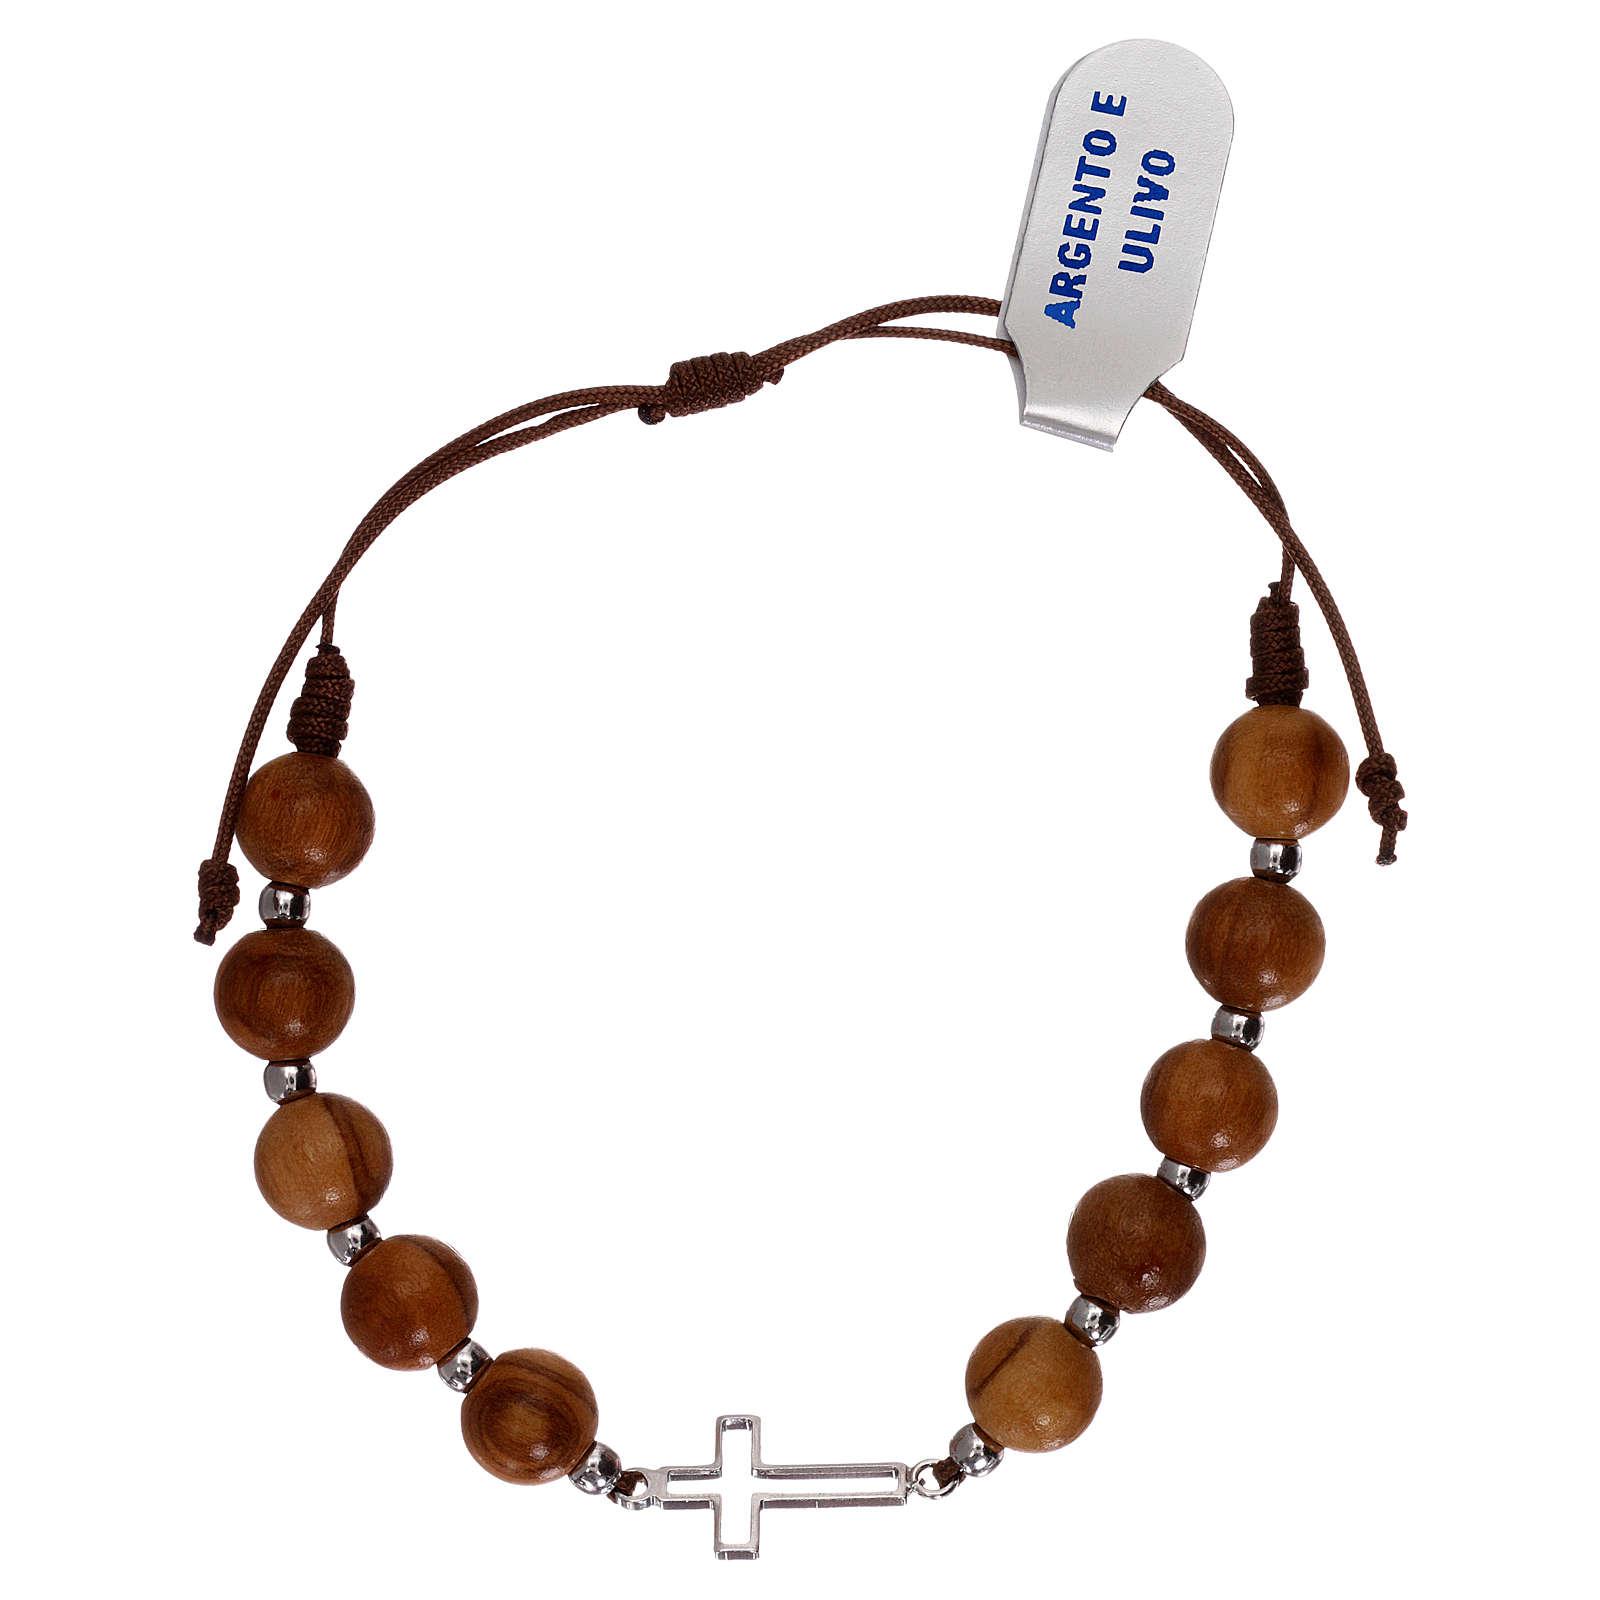 Bracciale corda croce traforata argento 925 e grani ulivo 4